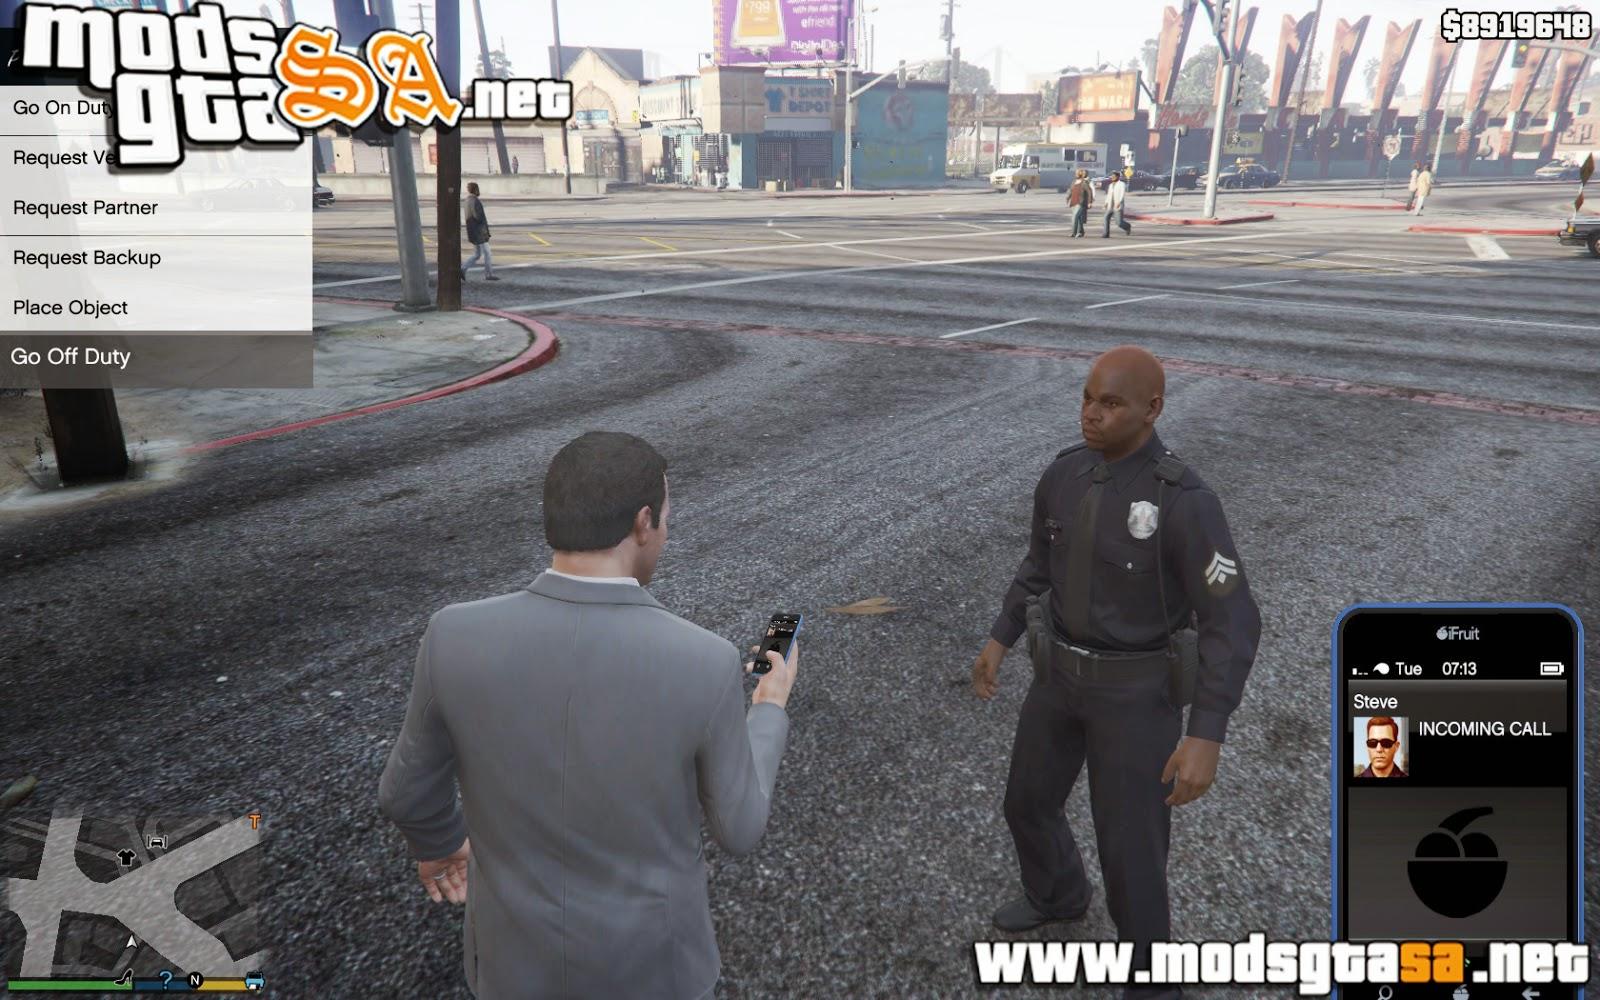 V - Mod Policia para GTA V PC